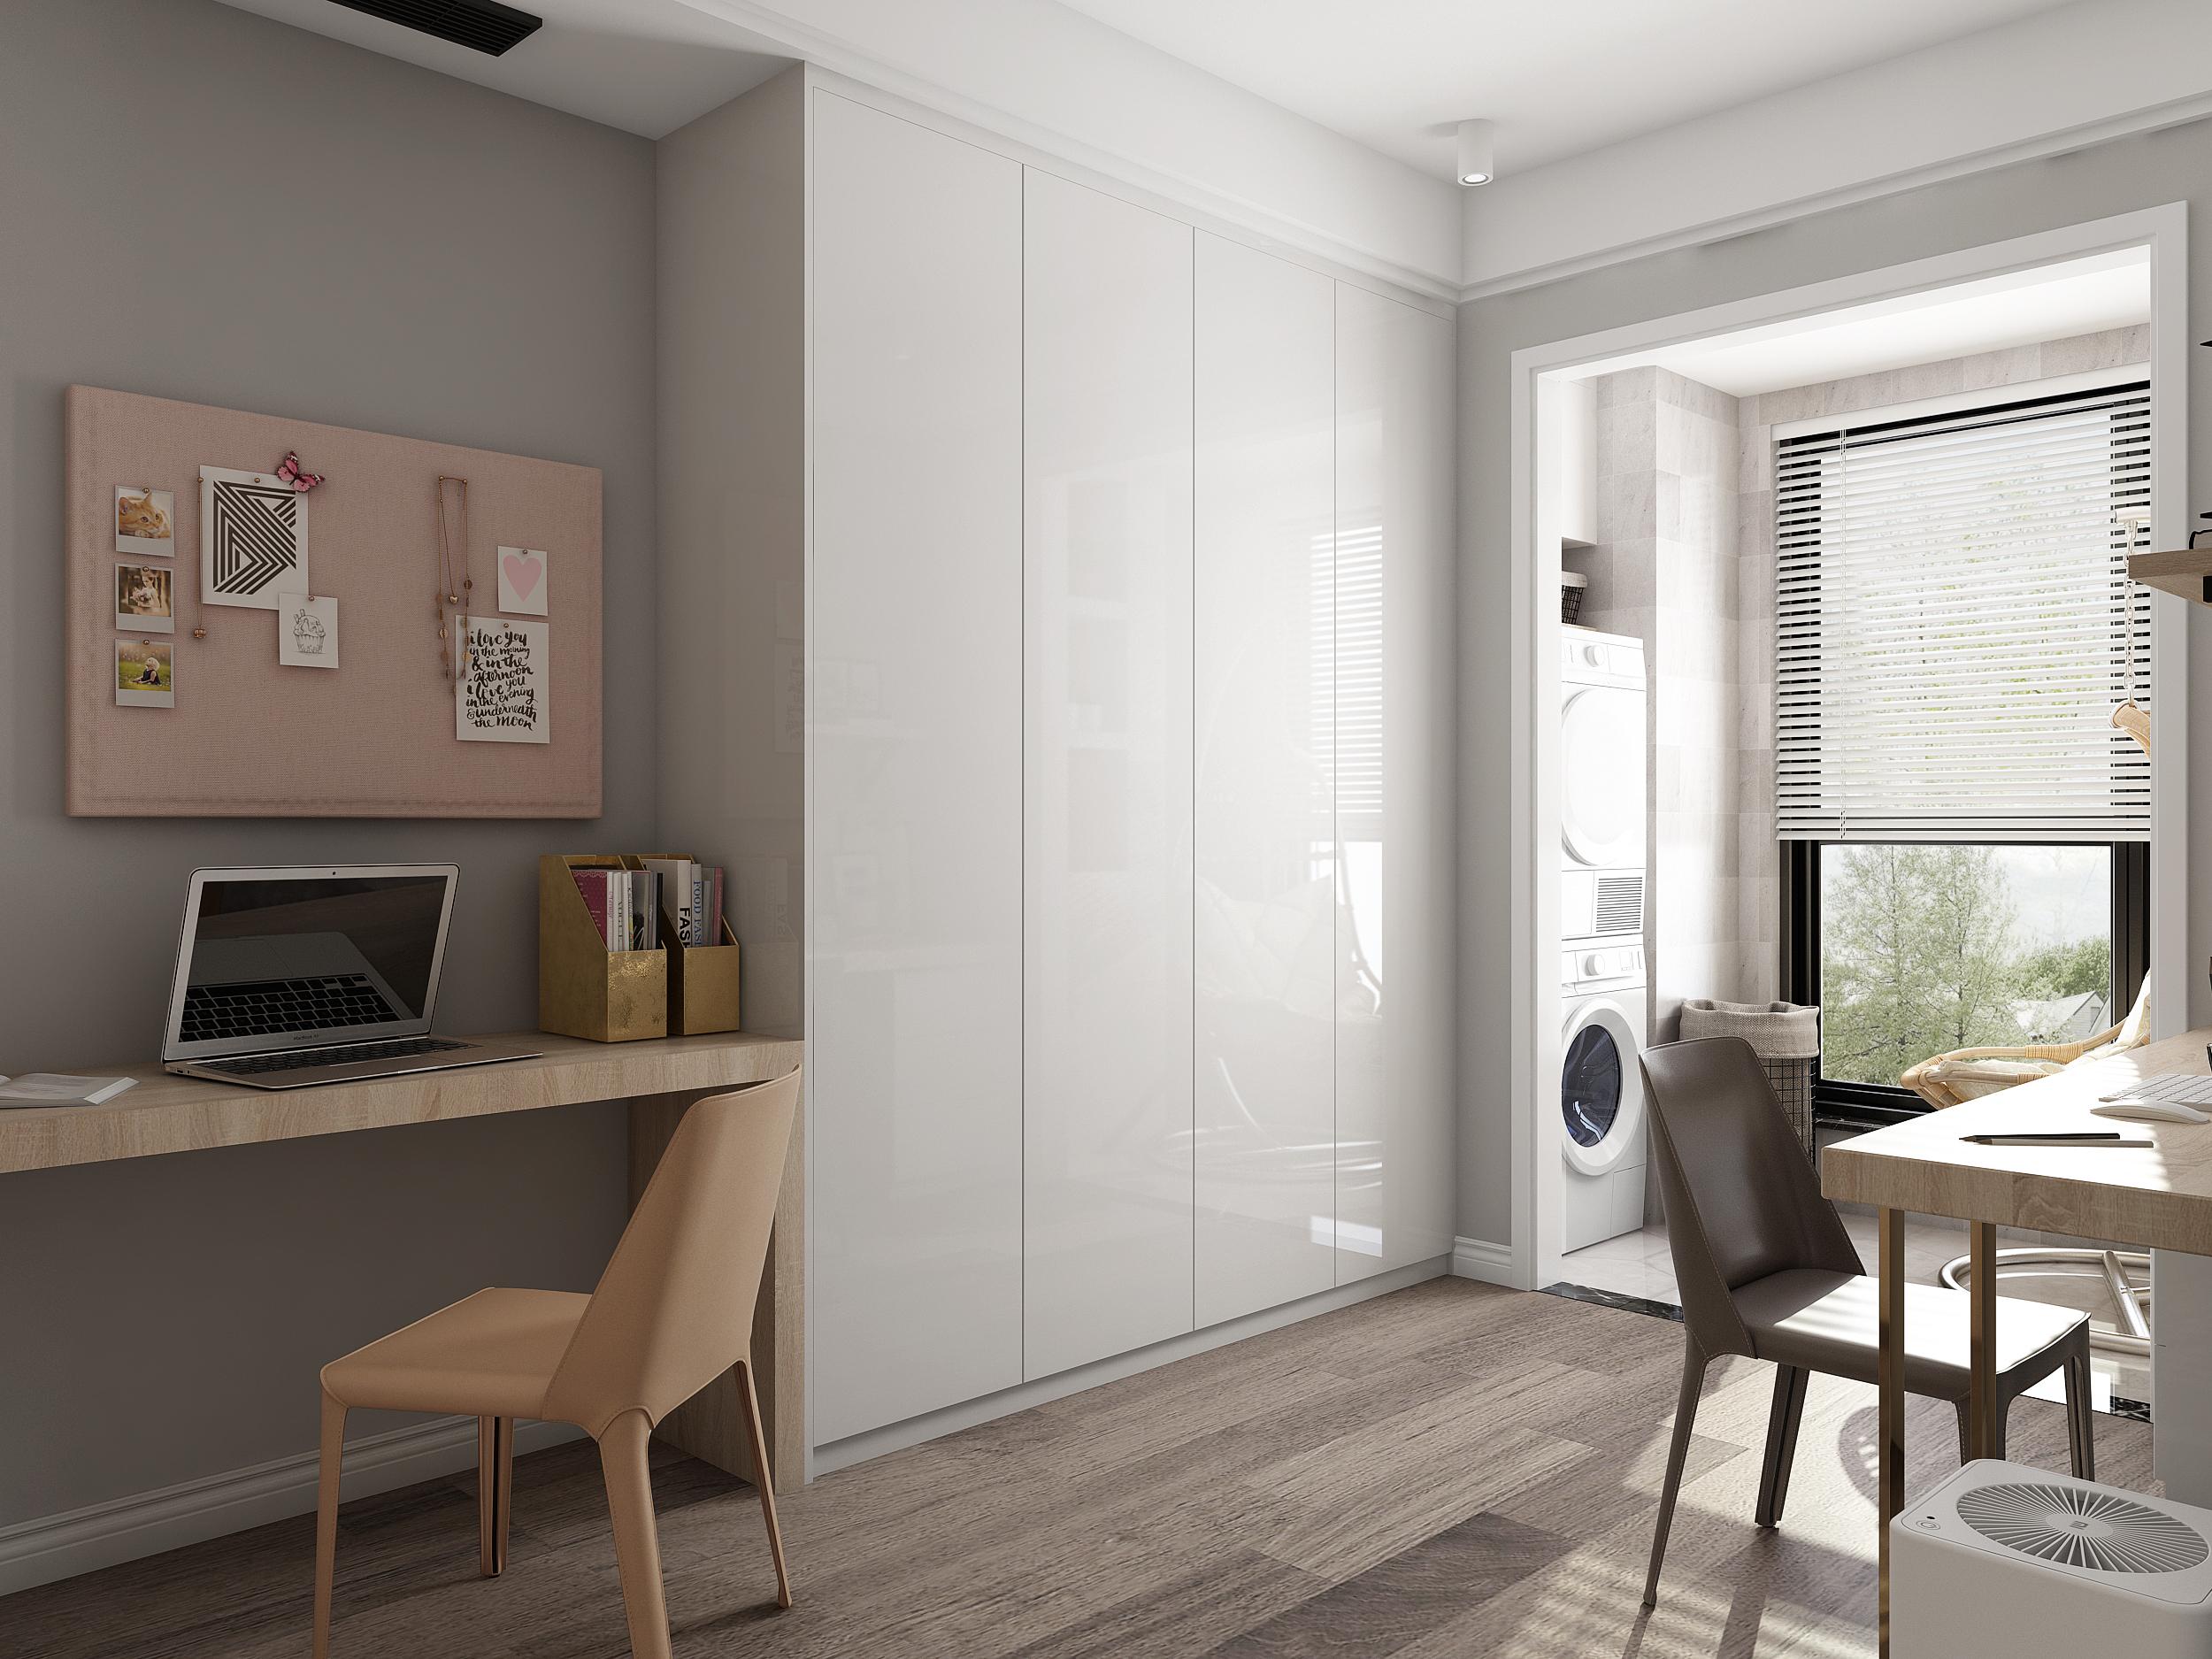 卧室改工作间客厅打造影音区,这个90㎡三居完美兼容工作和娱乐